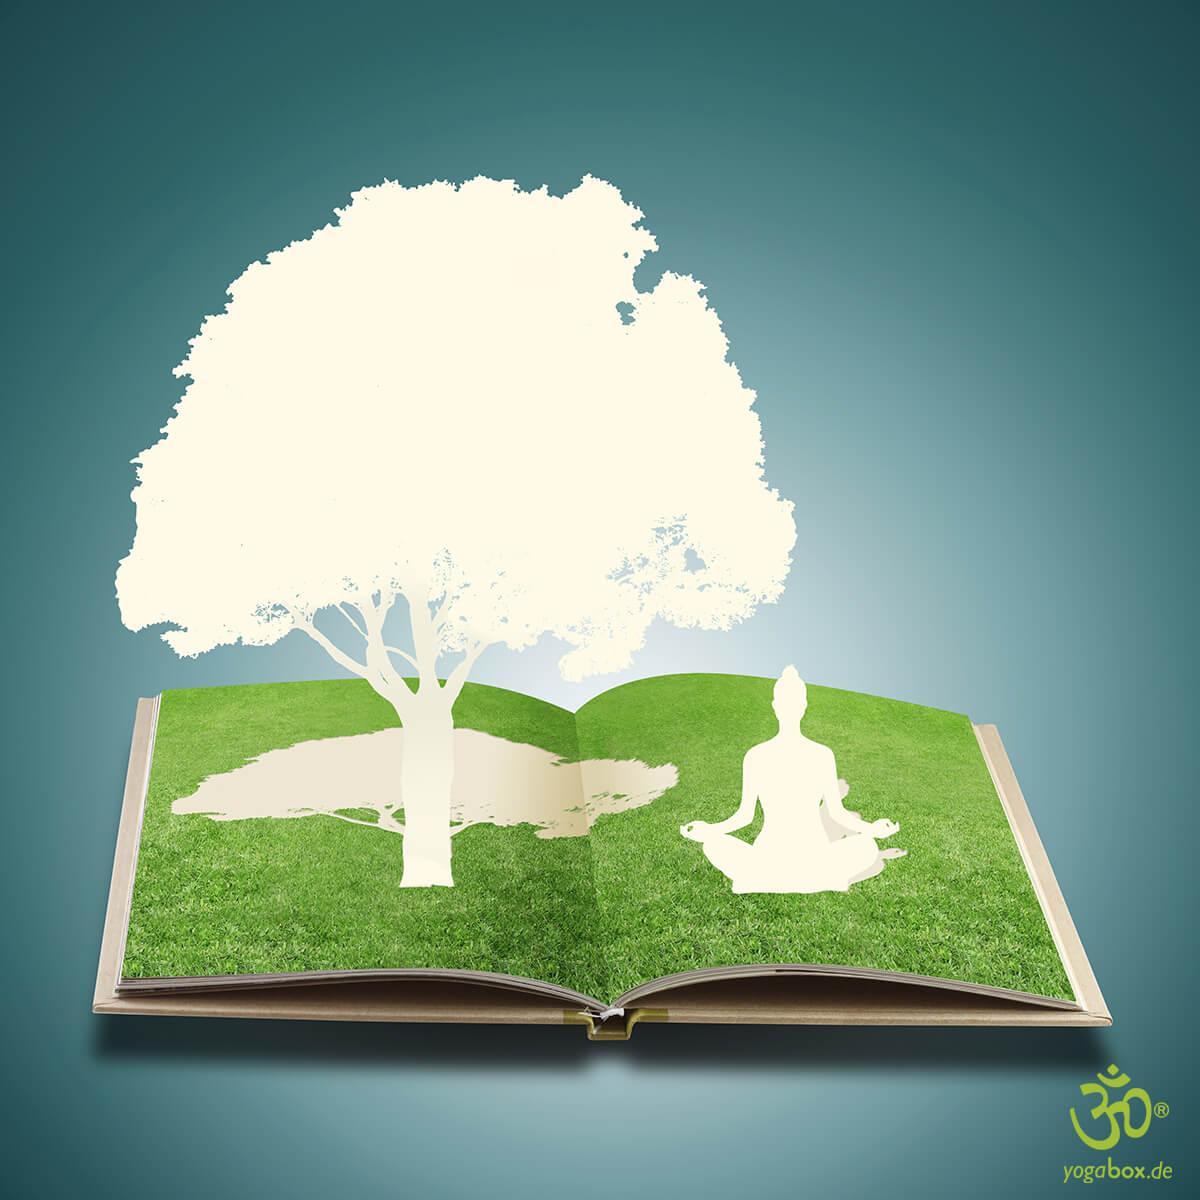 Meditation zwischen zwei Buchdeckeln: Welche Ratgeber sind lesenswert?